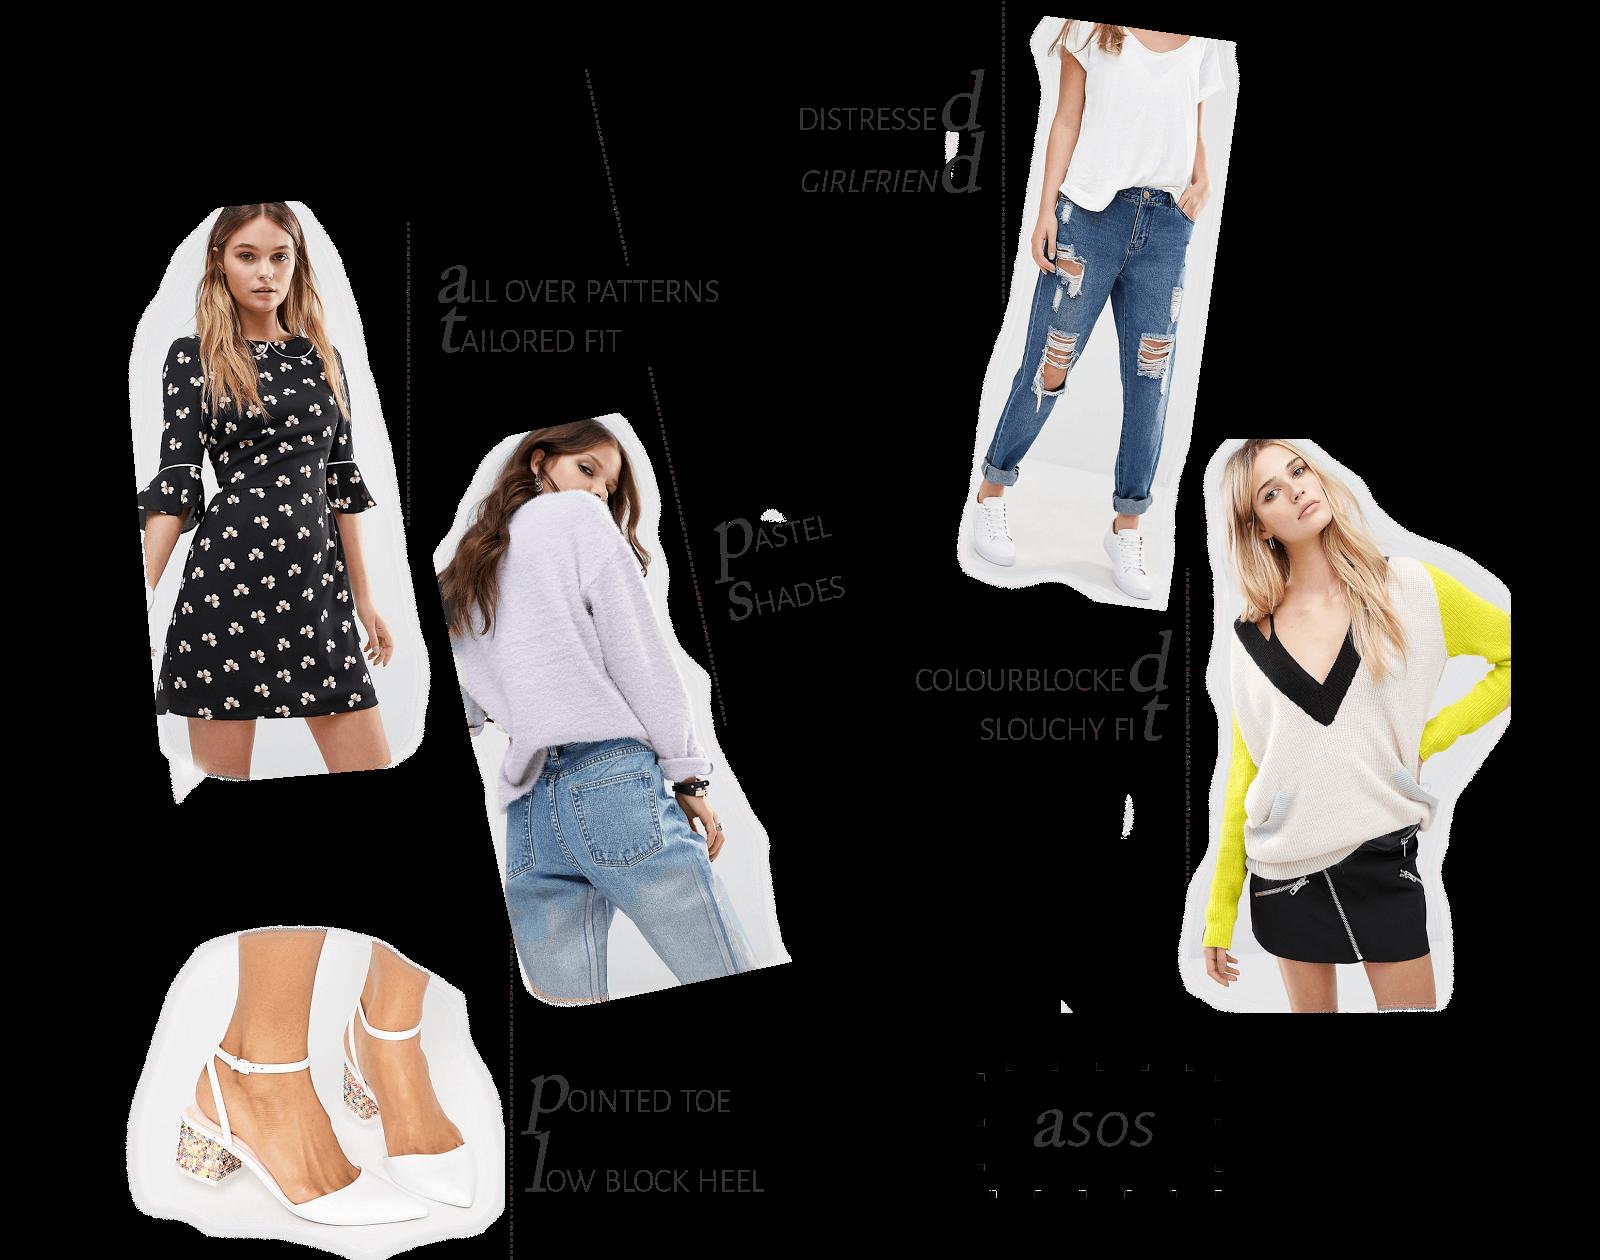 summer fashion wishlist asos uk style blogger